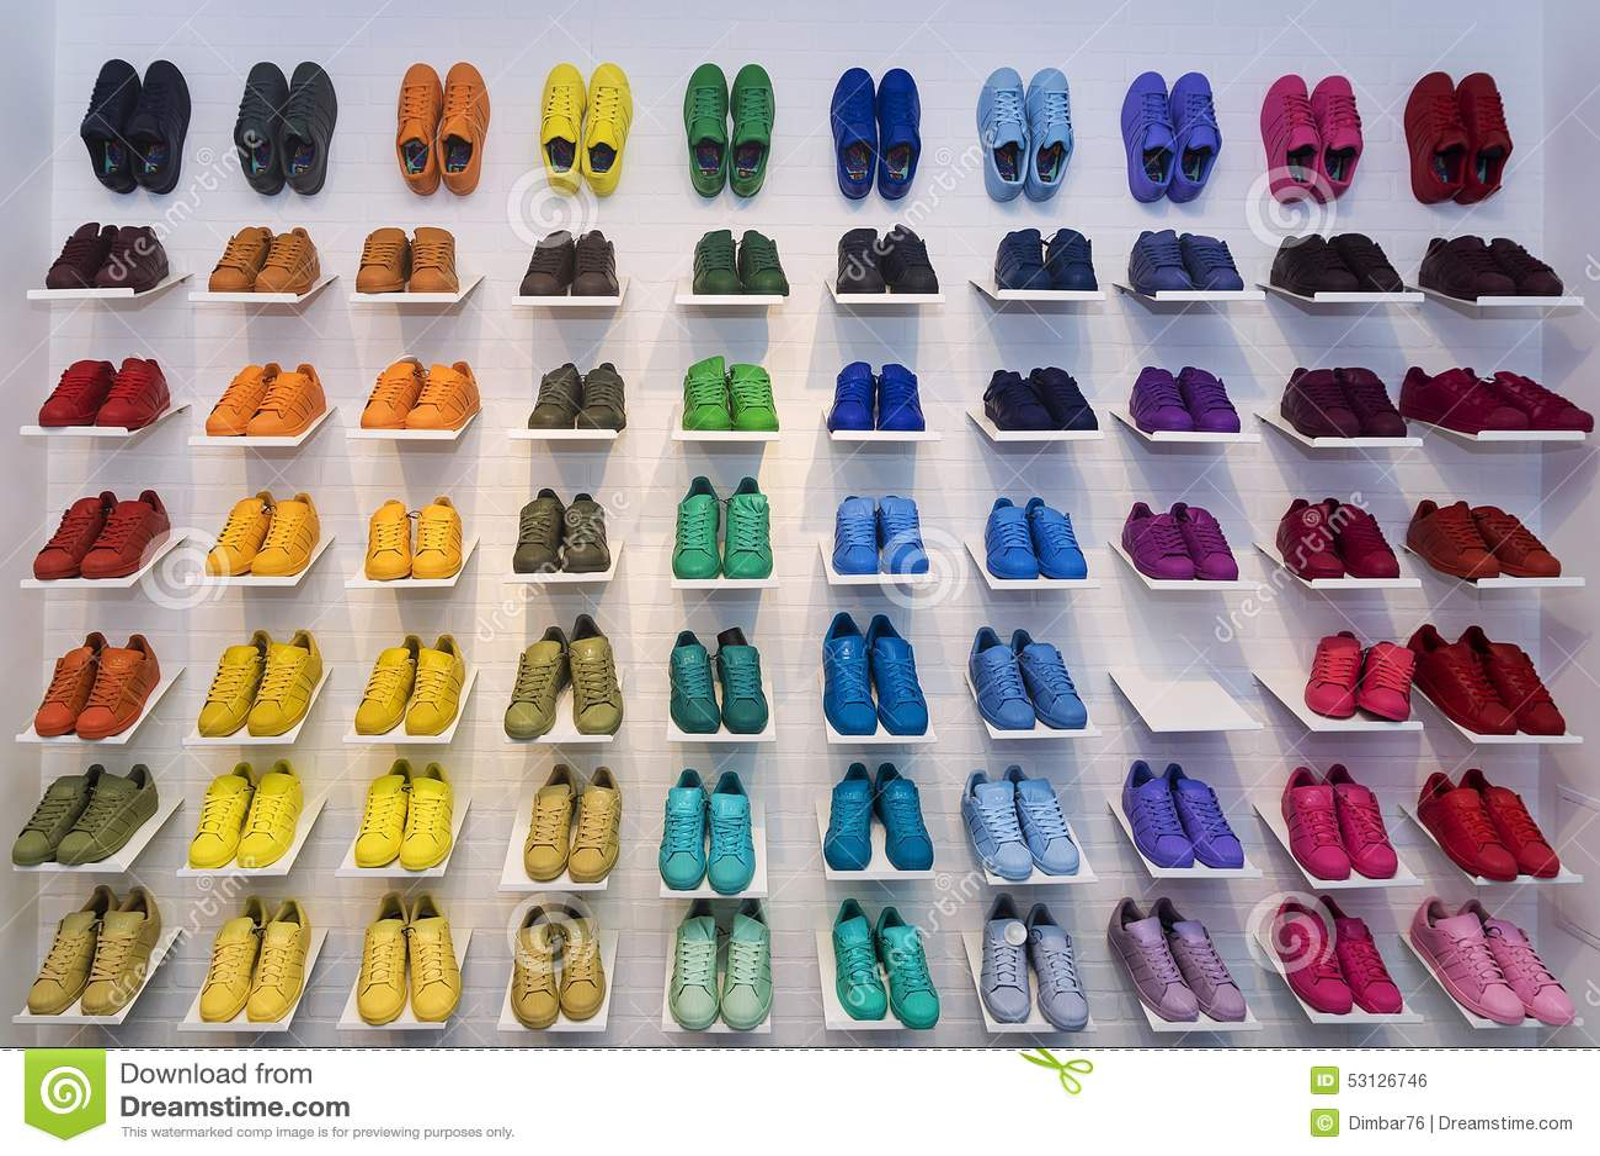 MOSKVA RYSSLAND APRIL 12: Adidas Originalskor I En Skostor